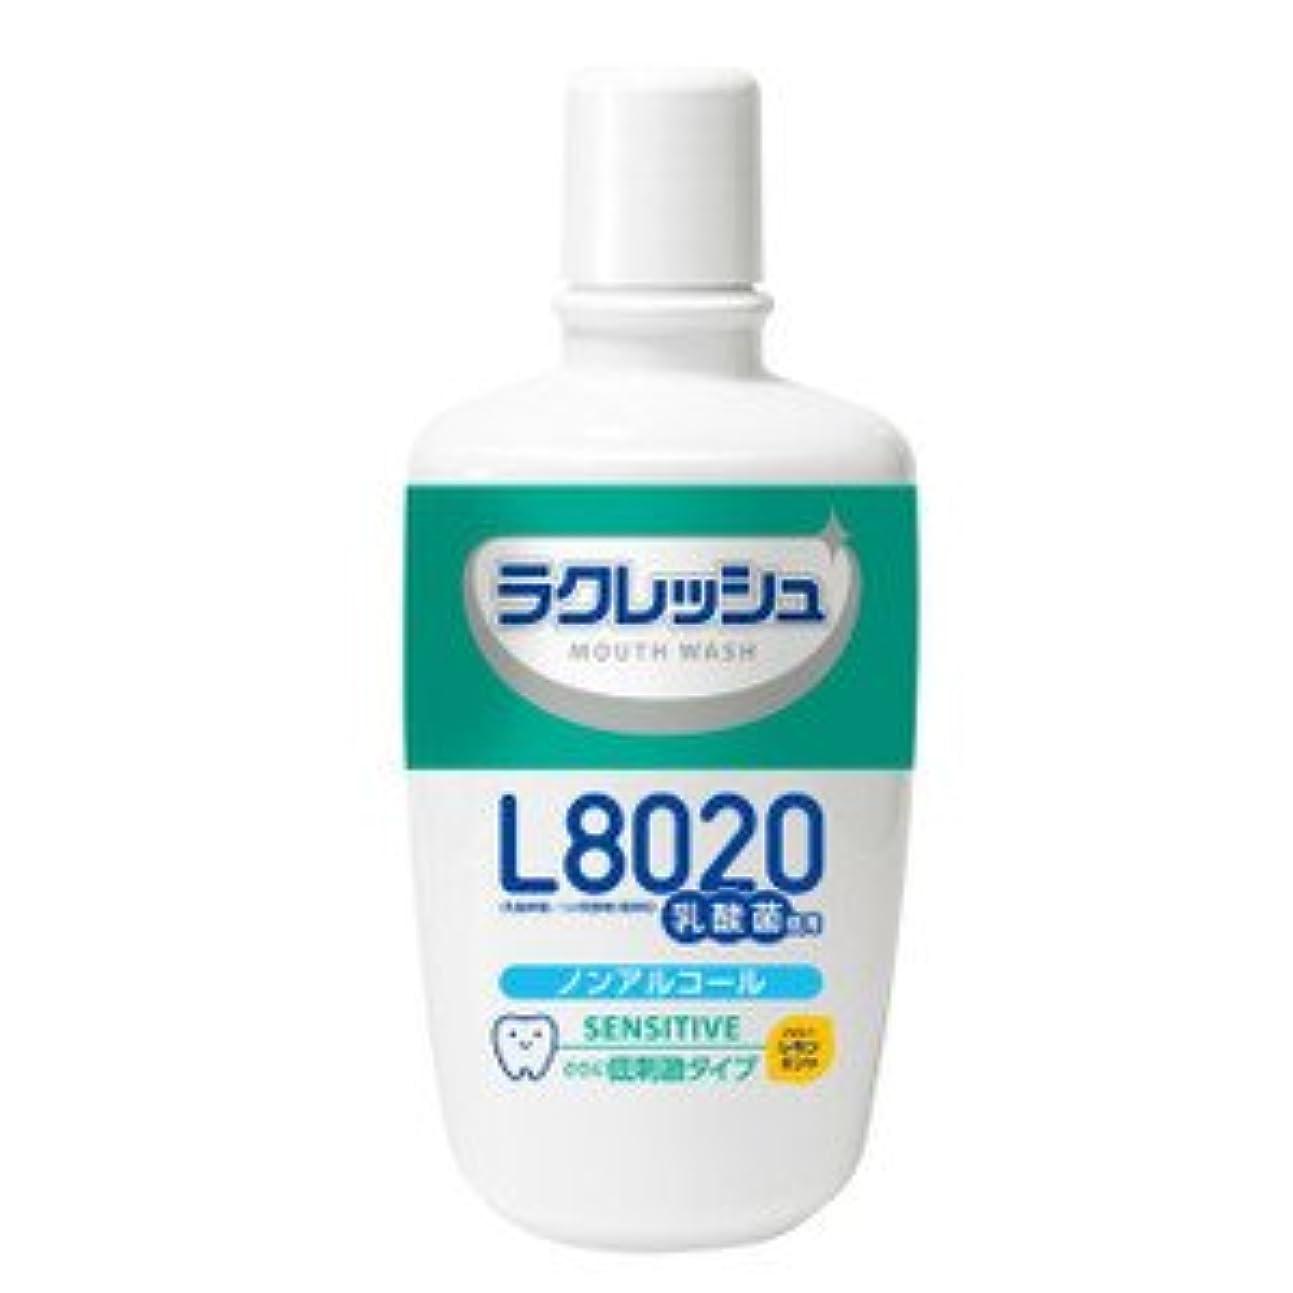 共同選択嫌がらせ処分したジェクス ラクレッシュ L8020乳酸菌 マウスウォッシュ 洗口液センシティブタイプ 300ml×10個セット